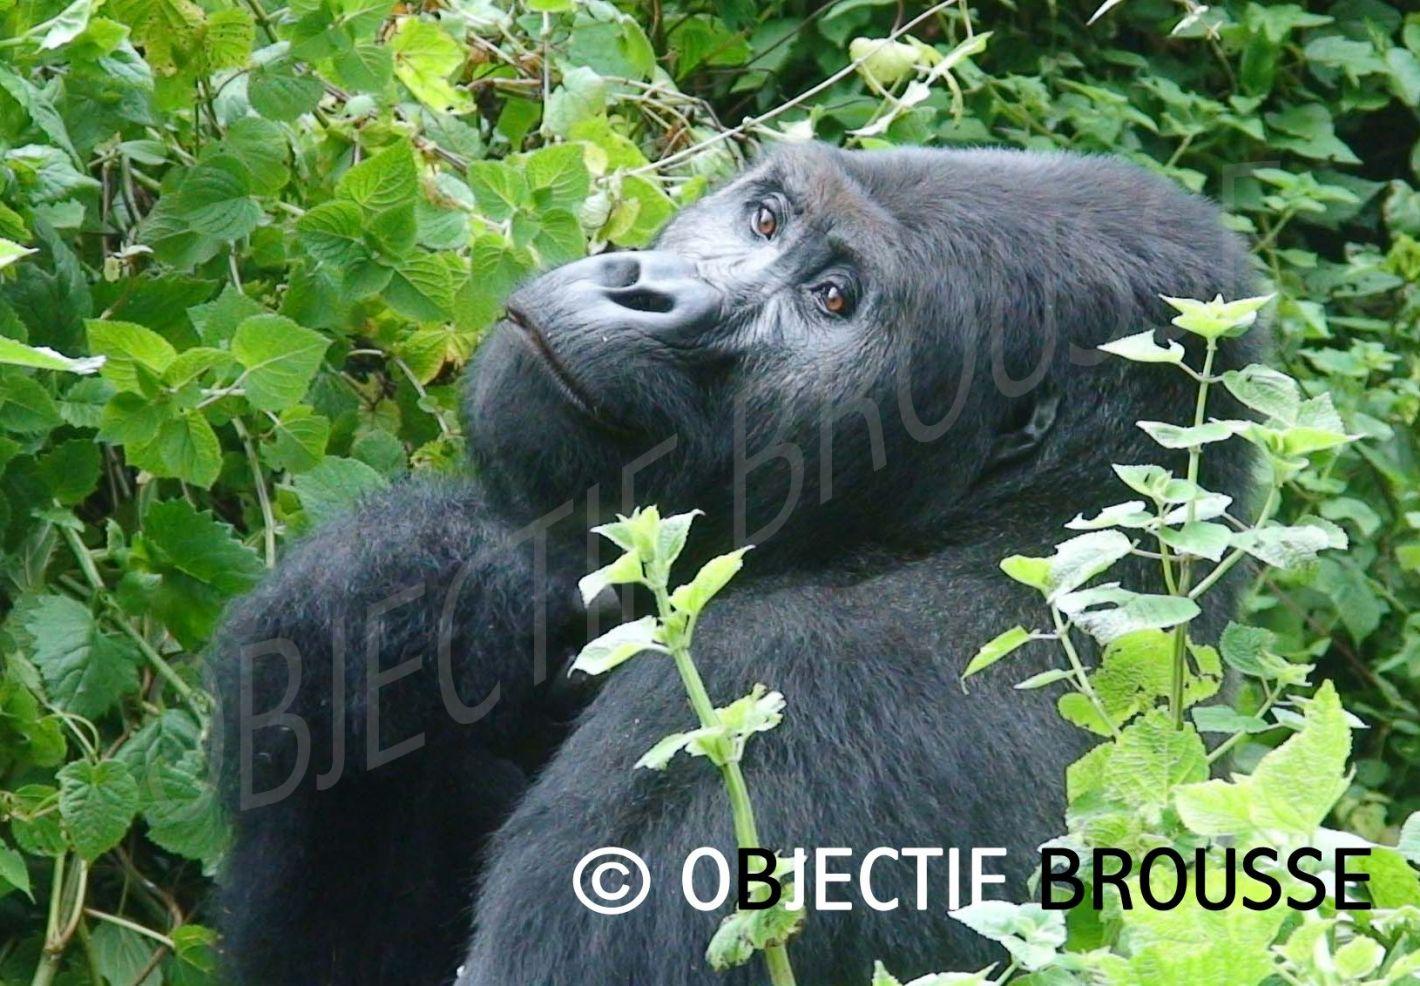 Un gorille de Grauer photographié par Xavier Gilibert d'Objectif Brousse en République Démocratique du Congo